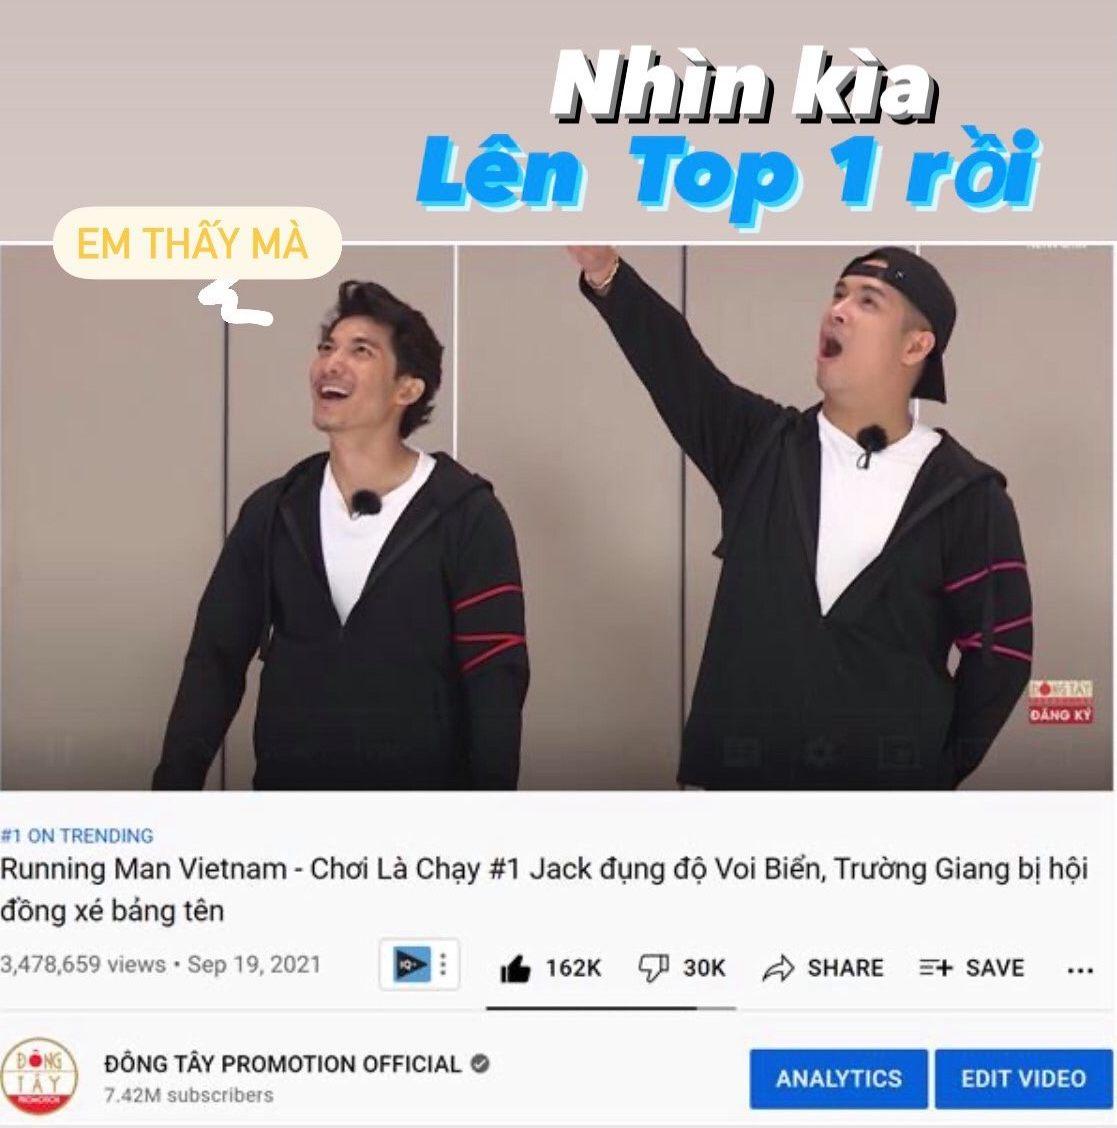 Tập 1 Running man đạt top 1 trending.